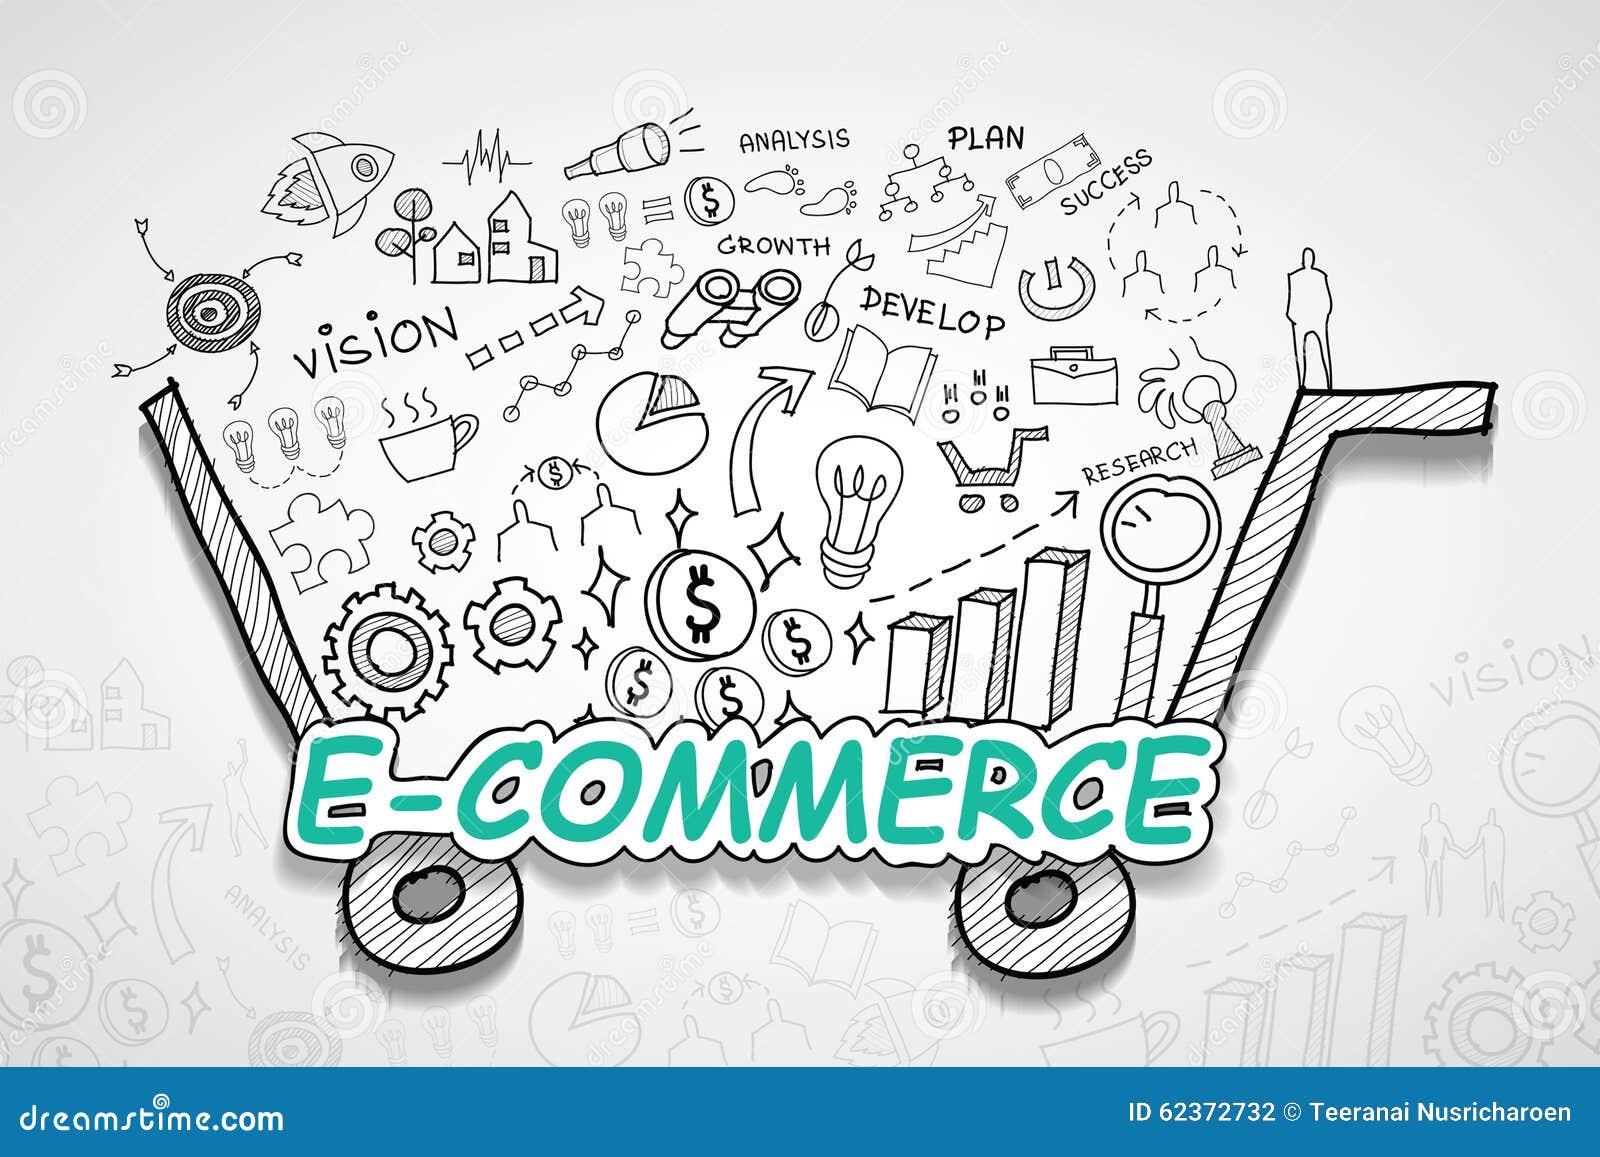 E-Commerce-Text, Mit Kreativer Zeichnungsdiagramm- Und ...